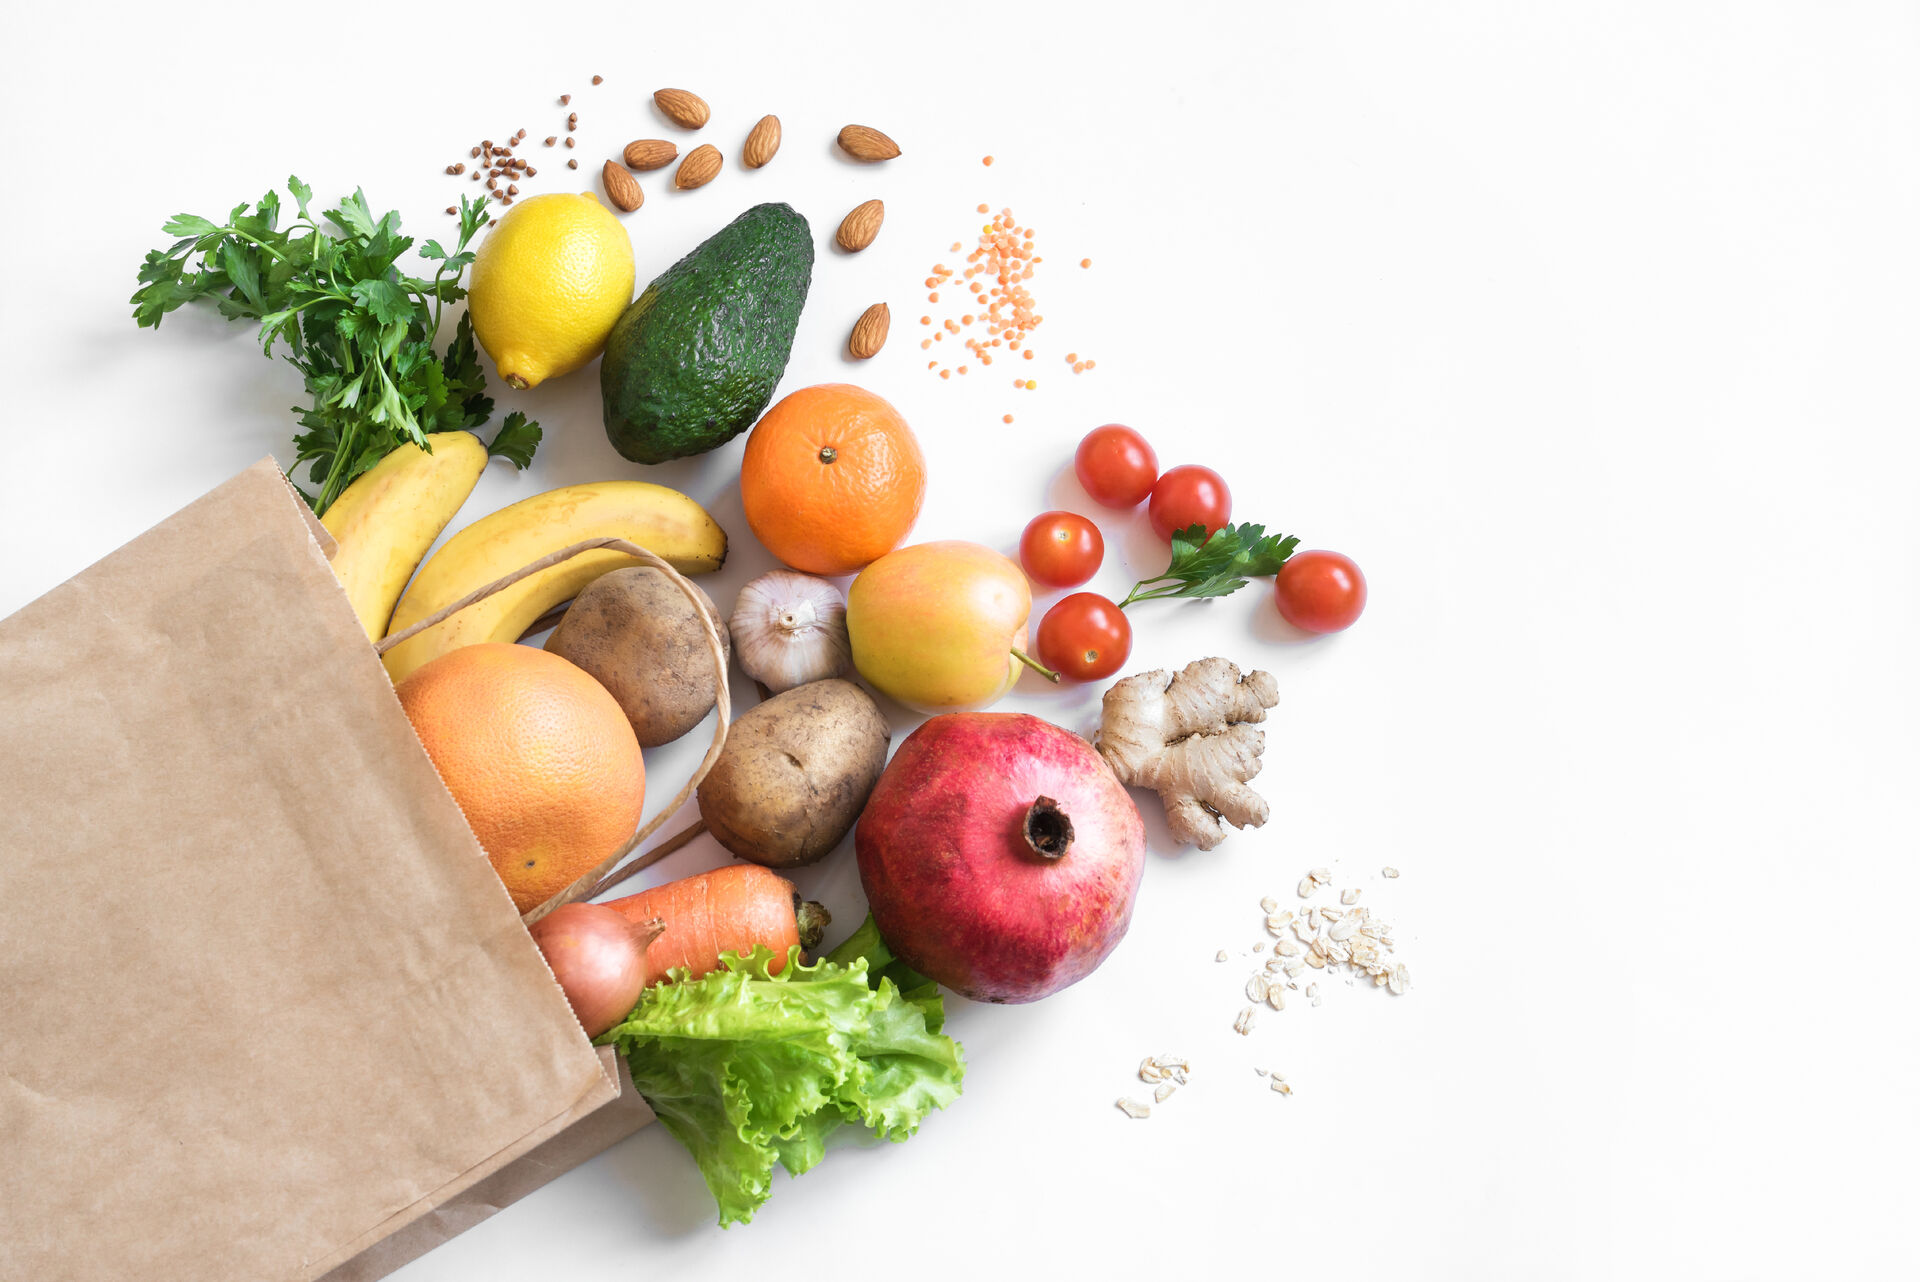 Obst und Gemüse in brauner Papiertüte